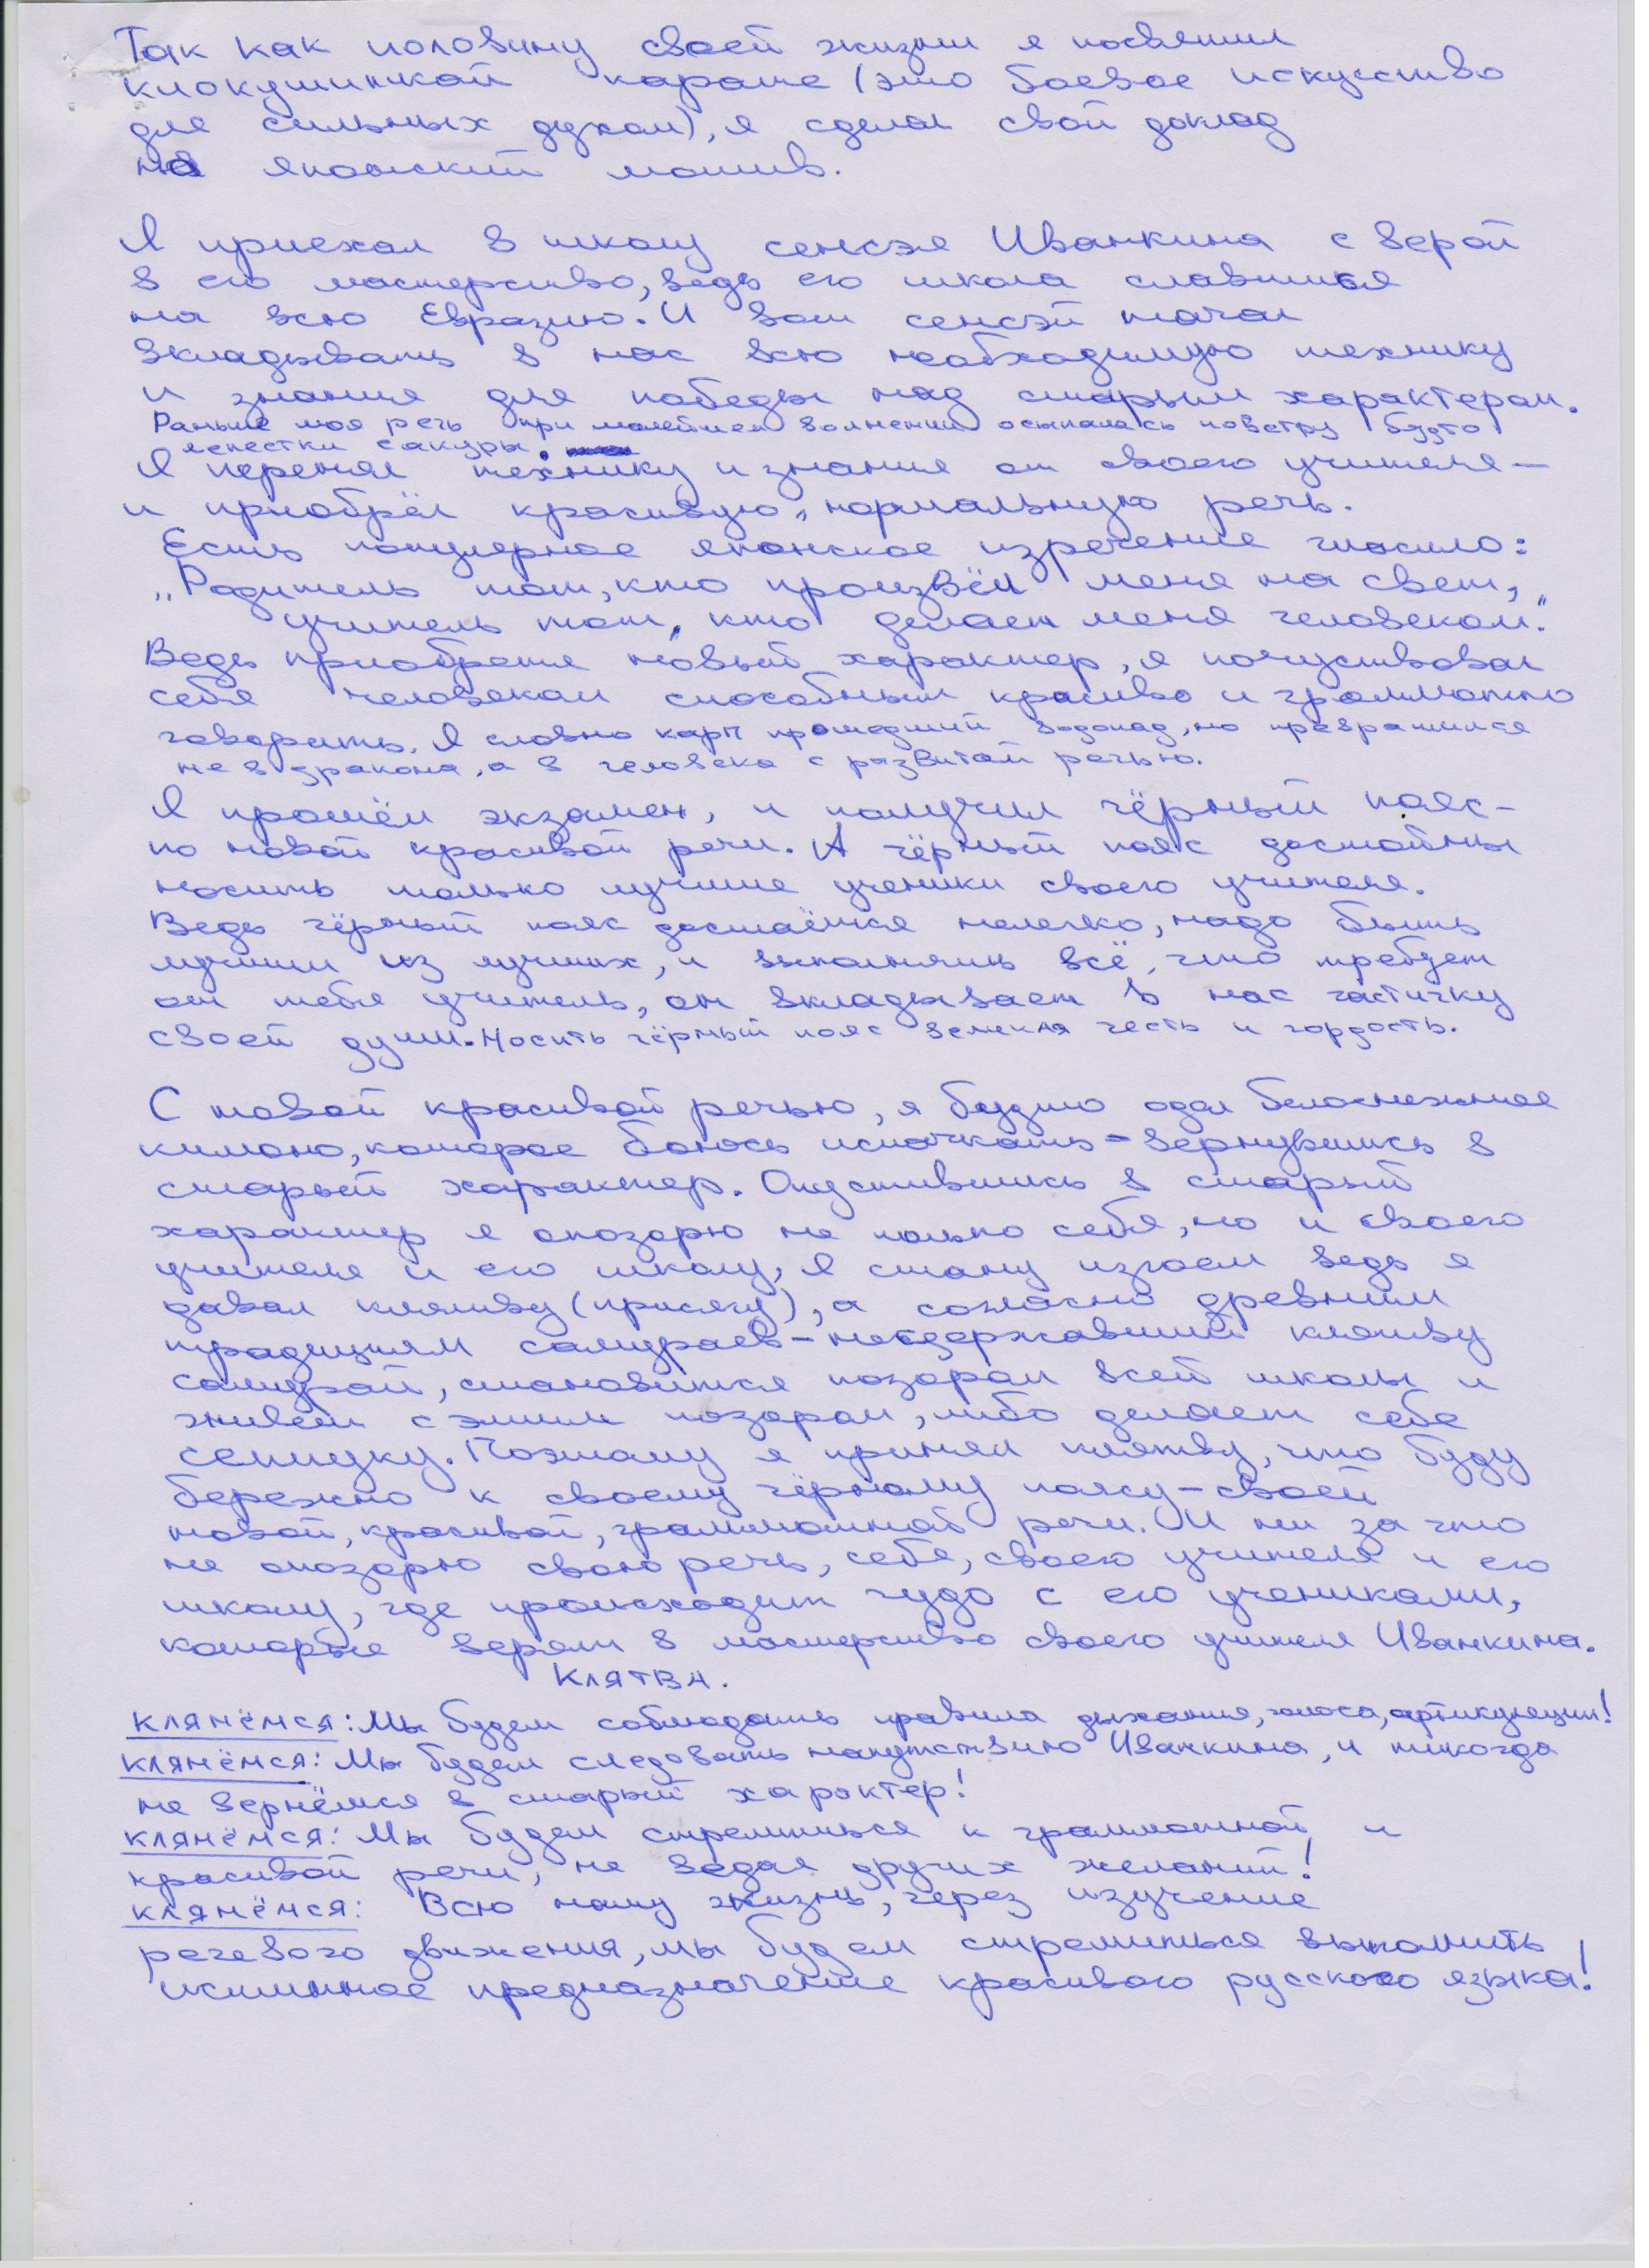 Отзыв Александра, 30 лет,г. Хабаровск о речевом Центре Иванкина.